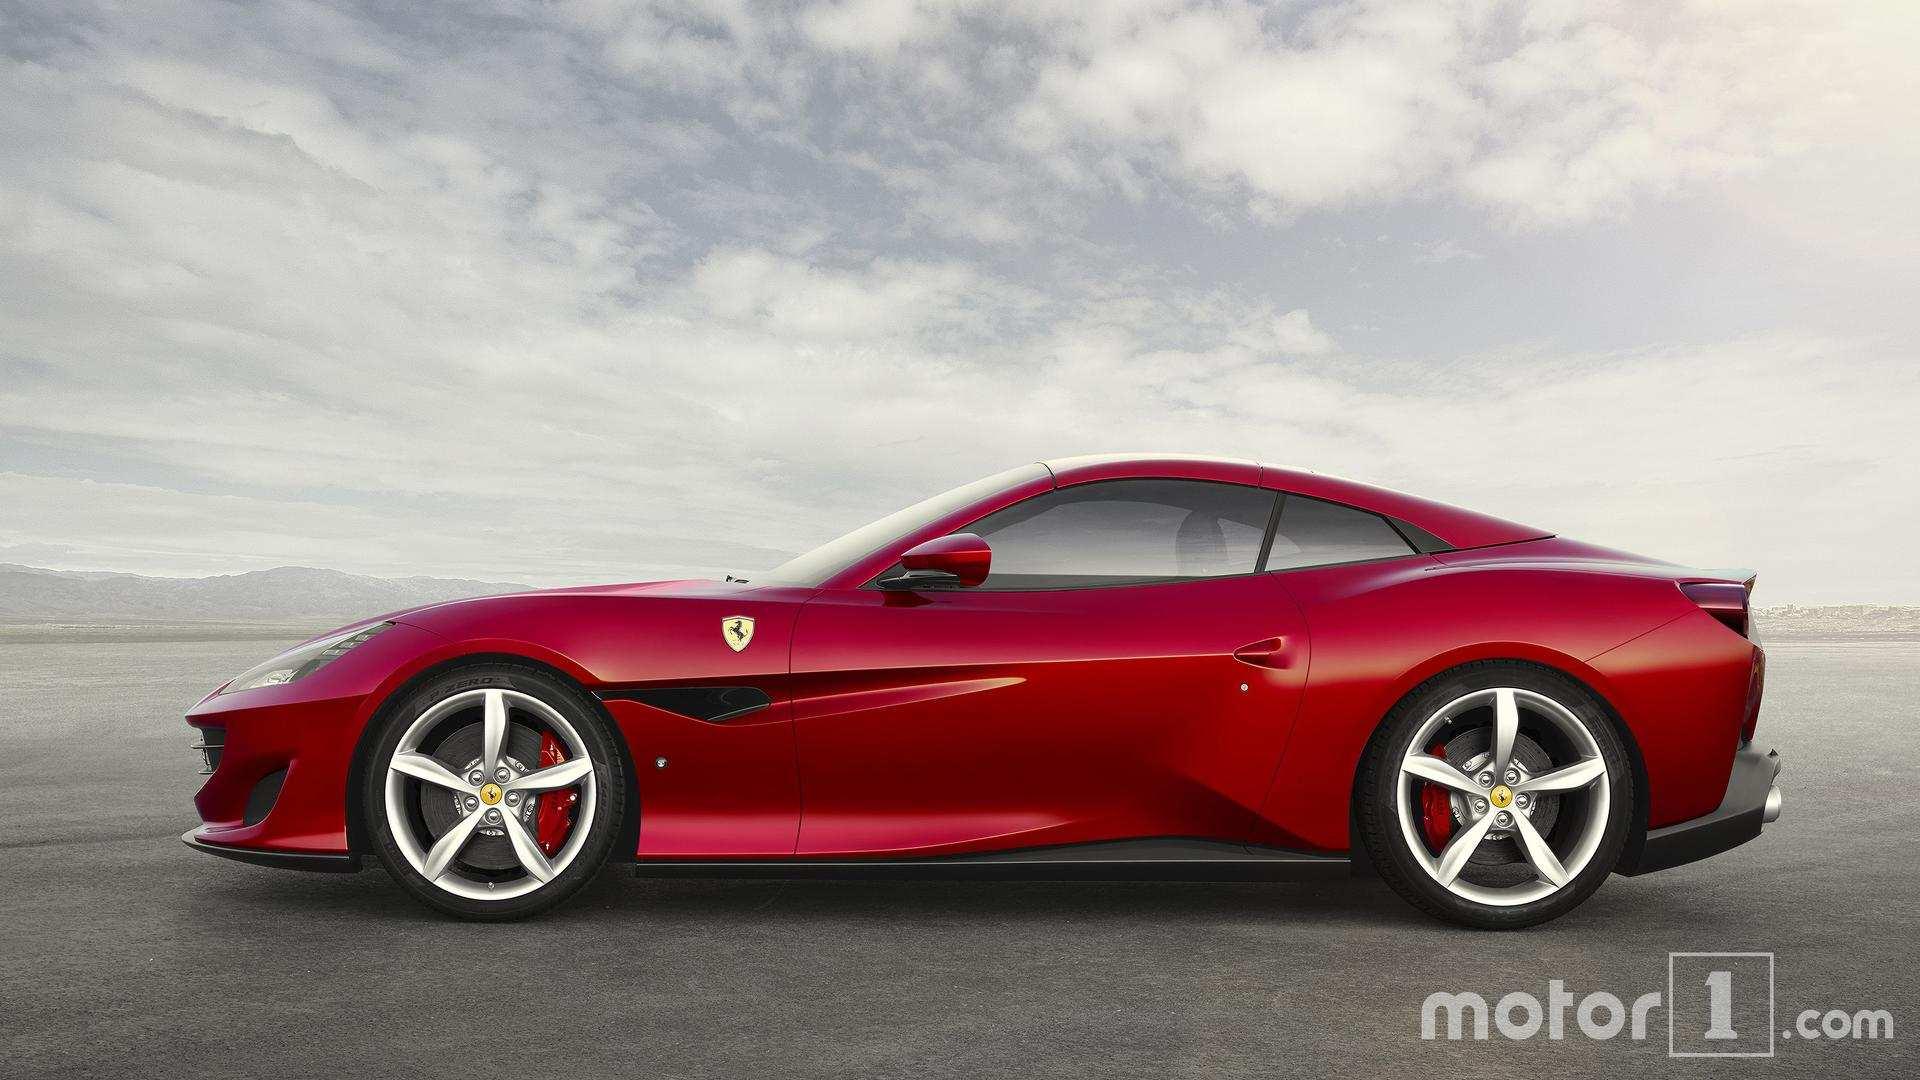 98 Concept of Ferrari California T 2020 Images with Ferrari California T 2020